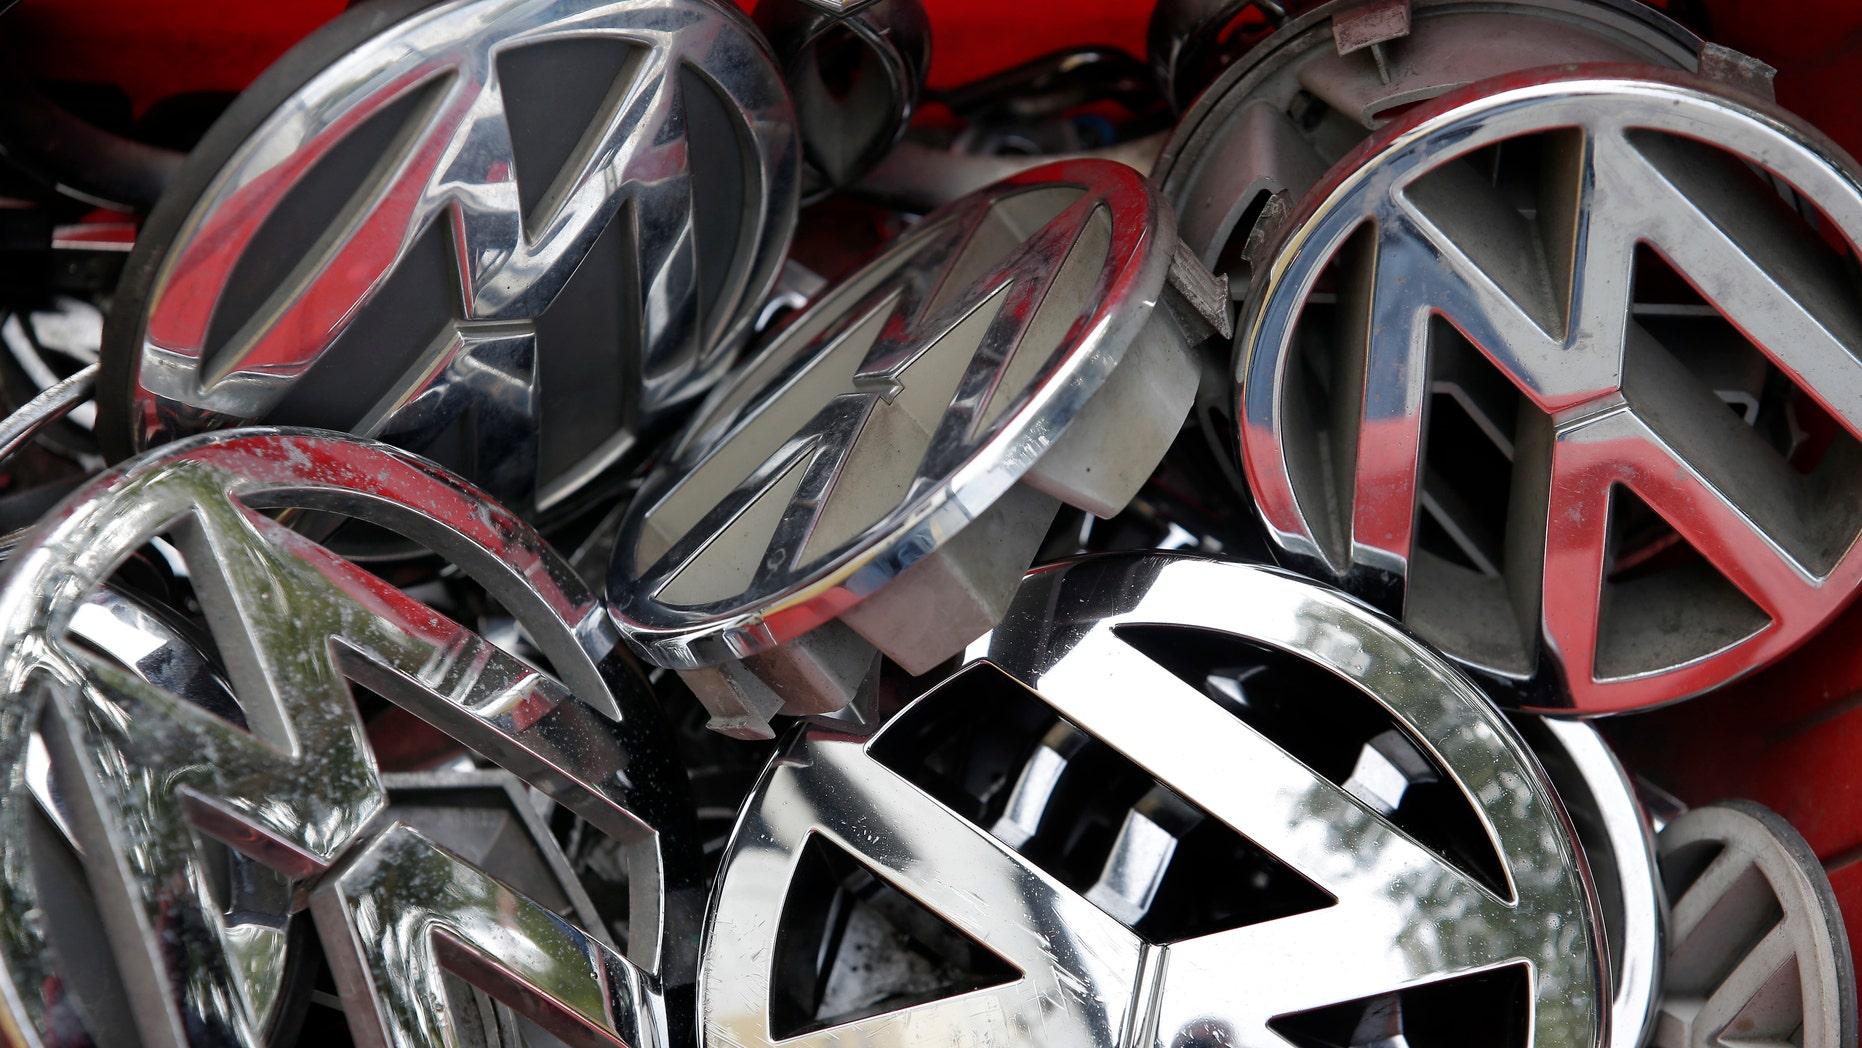 Sept. 23, 2015: Volkswagen ornaments sit in a box in a scrap yard in Berlin, Germany.